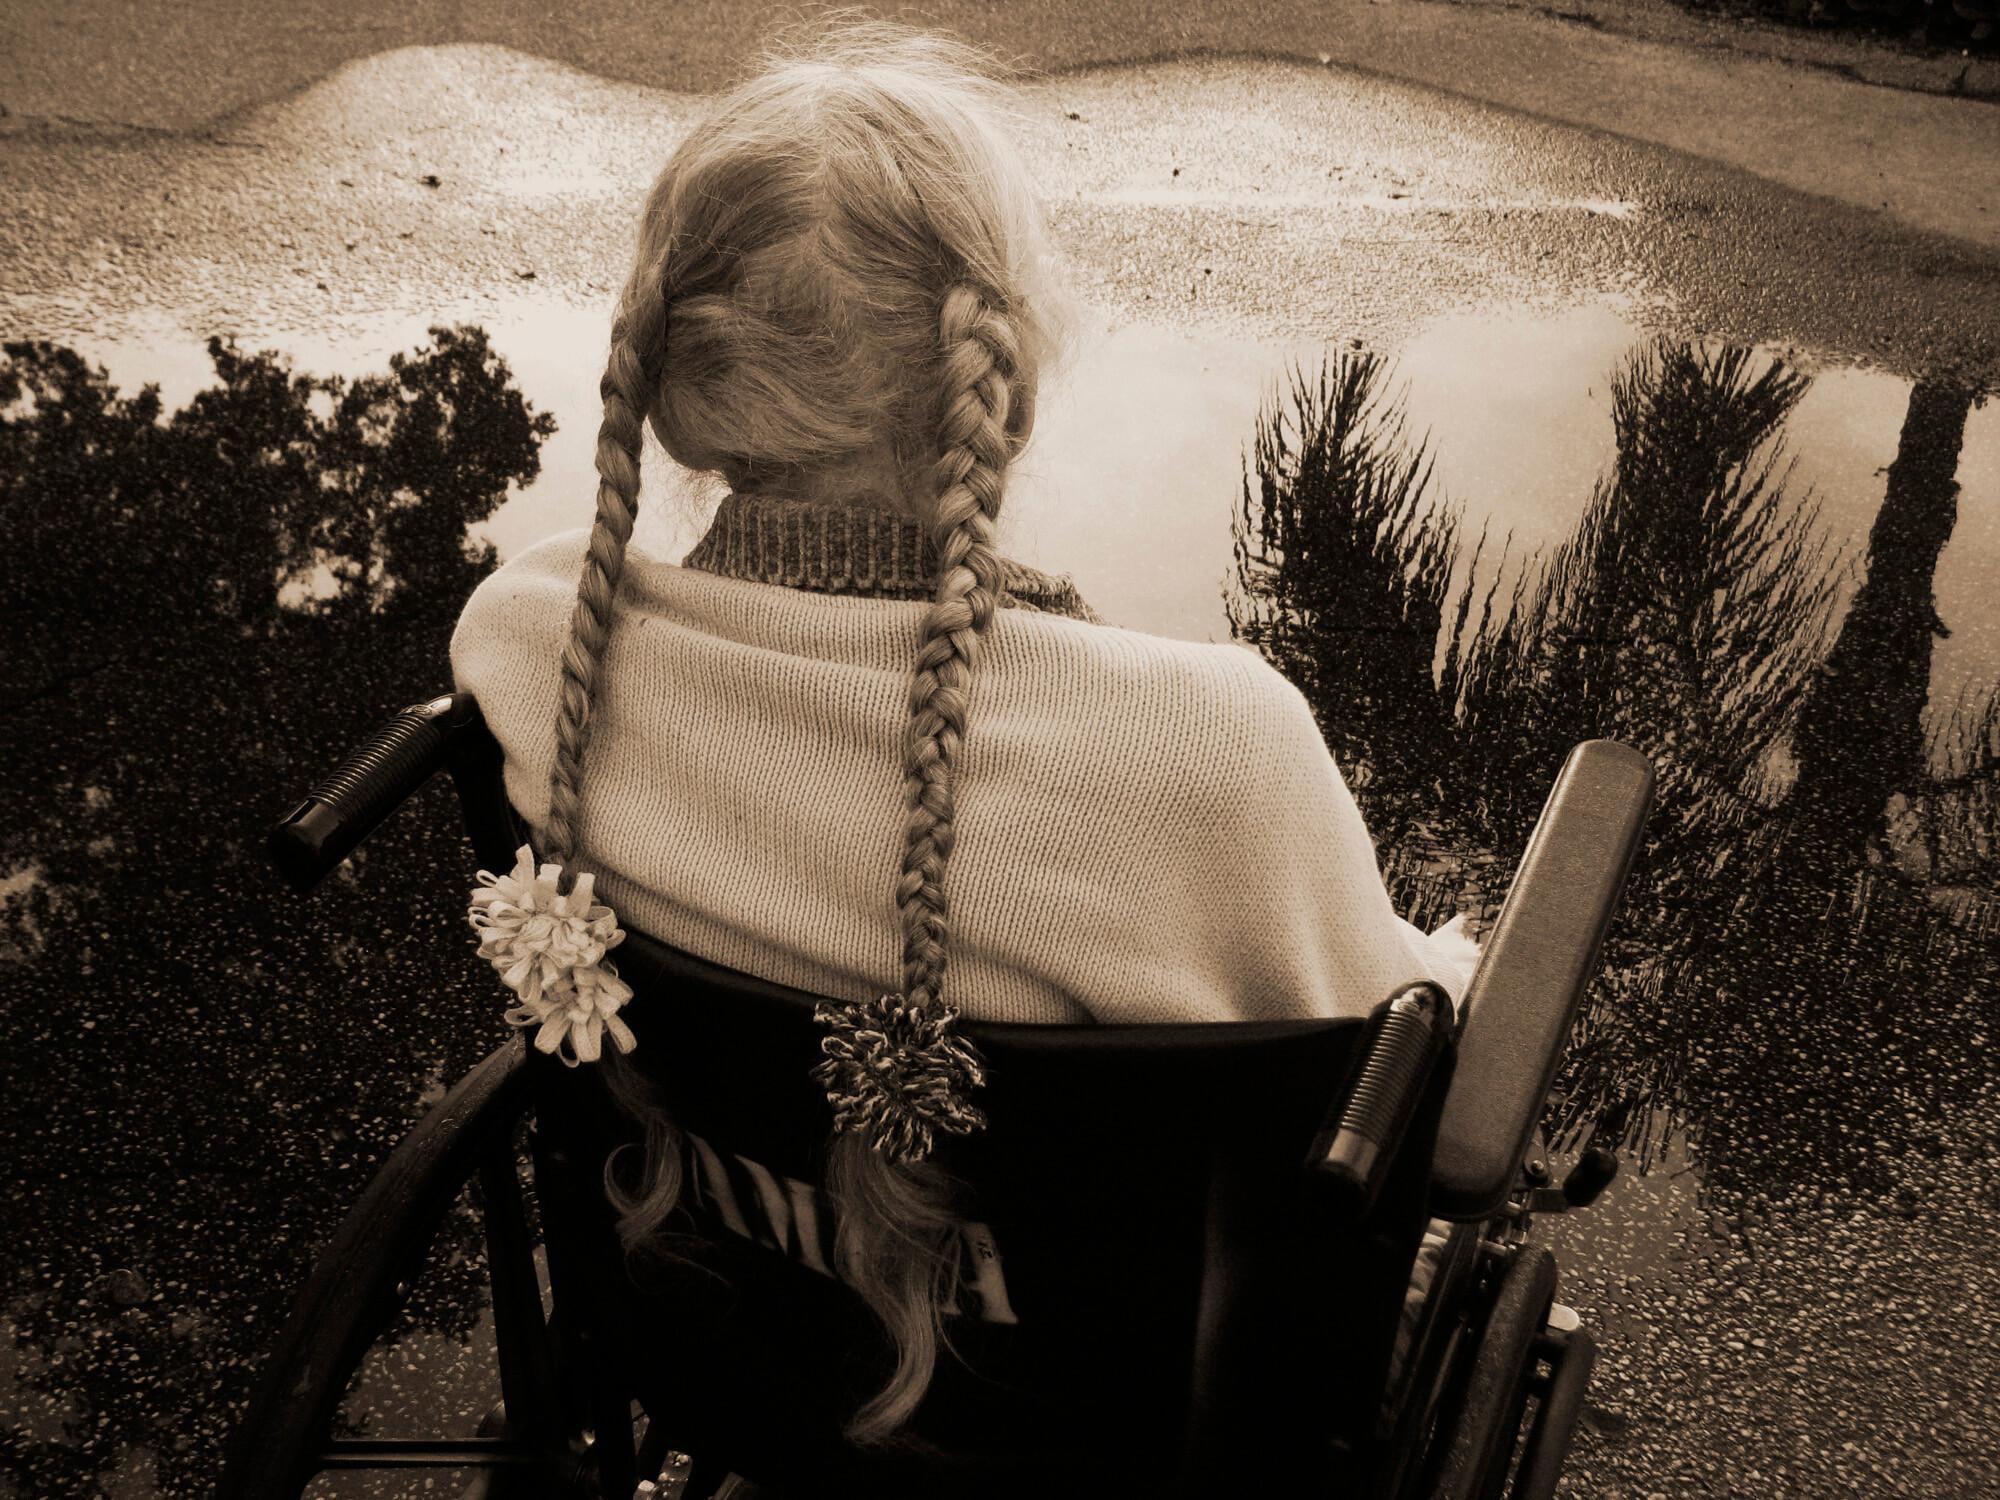 Steber_Madje-has-dementiaa-walk